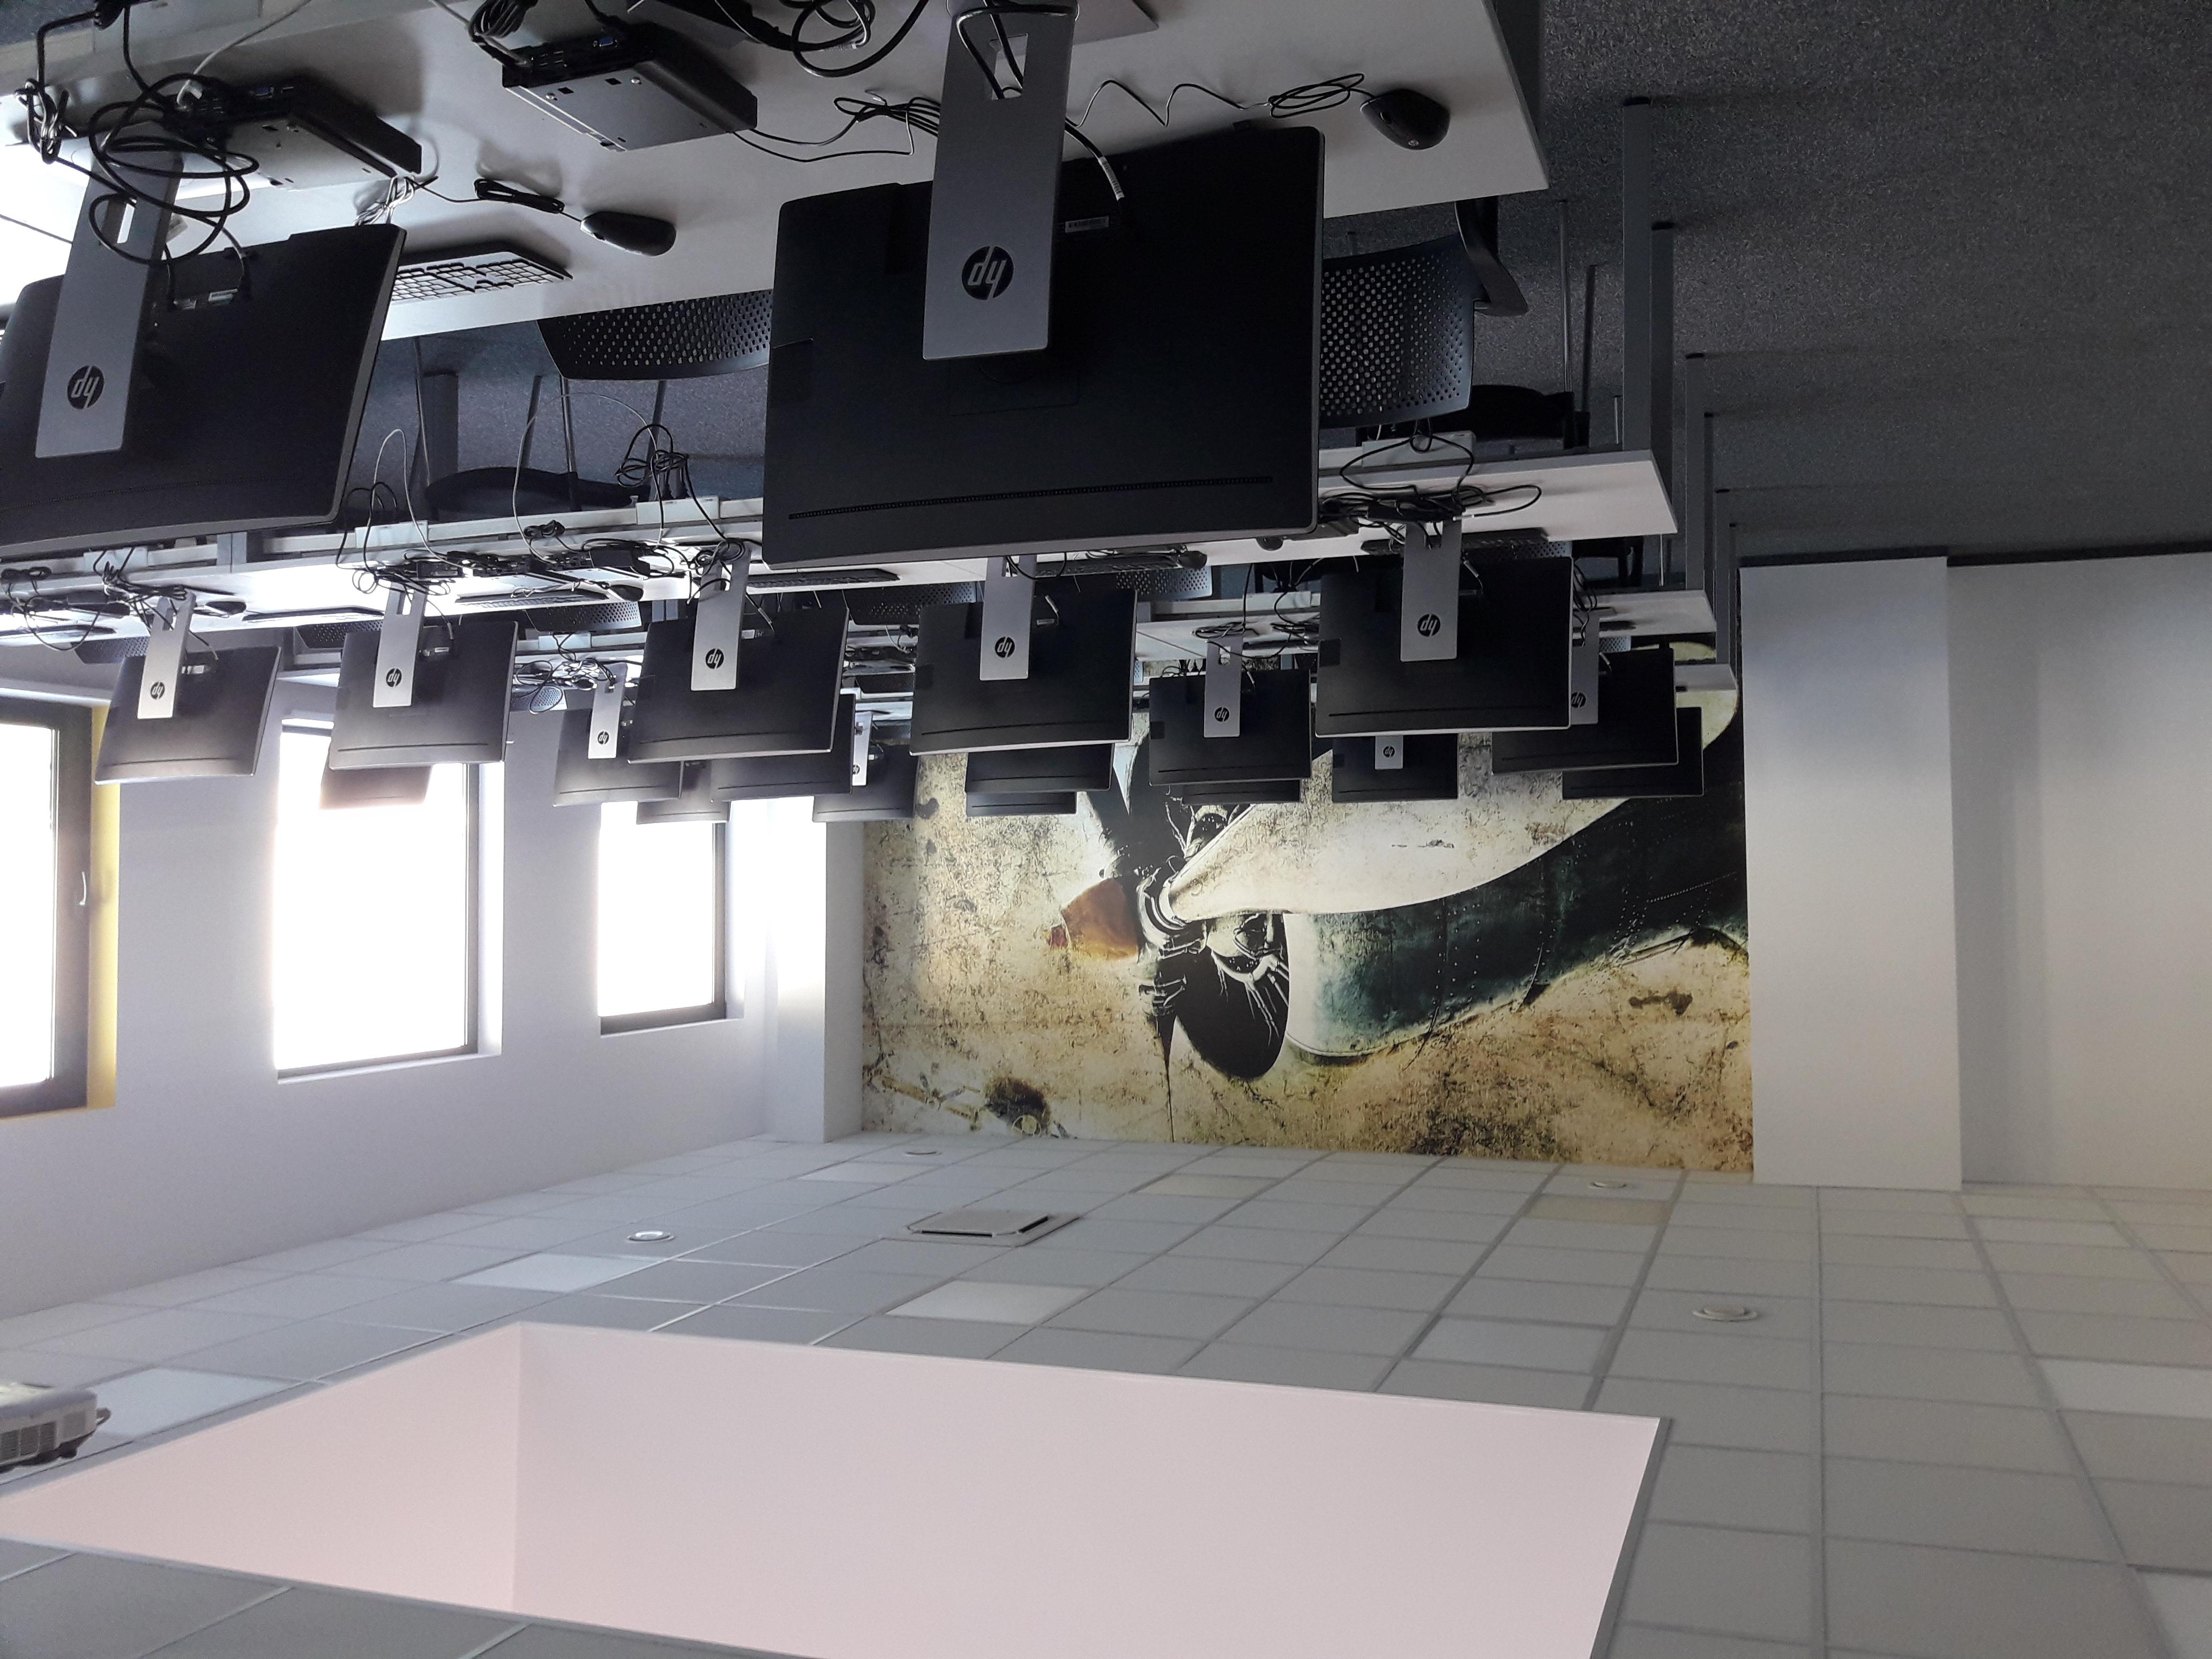 realizacja-fototapety-dla-xeos9.jpg